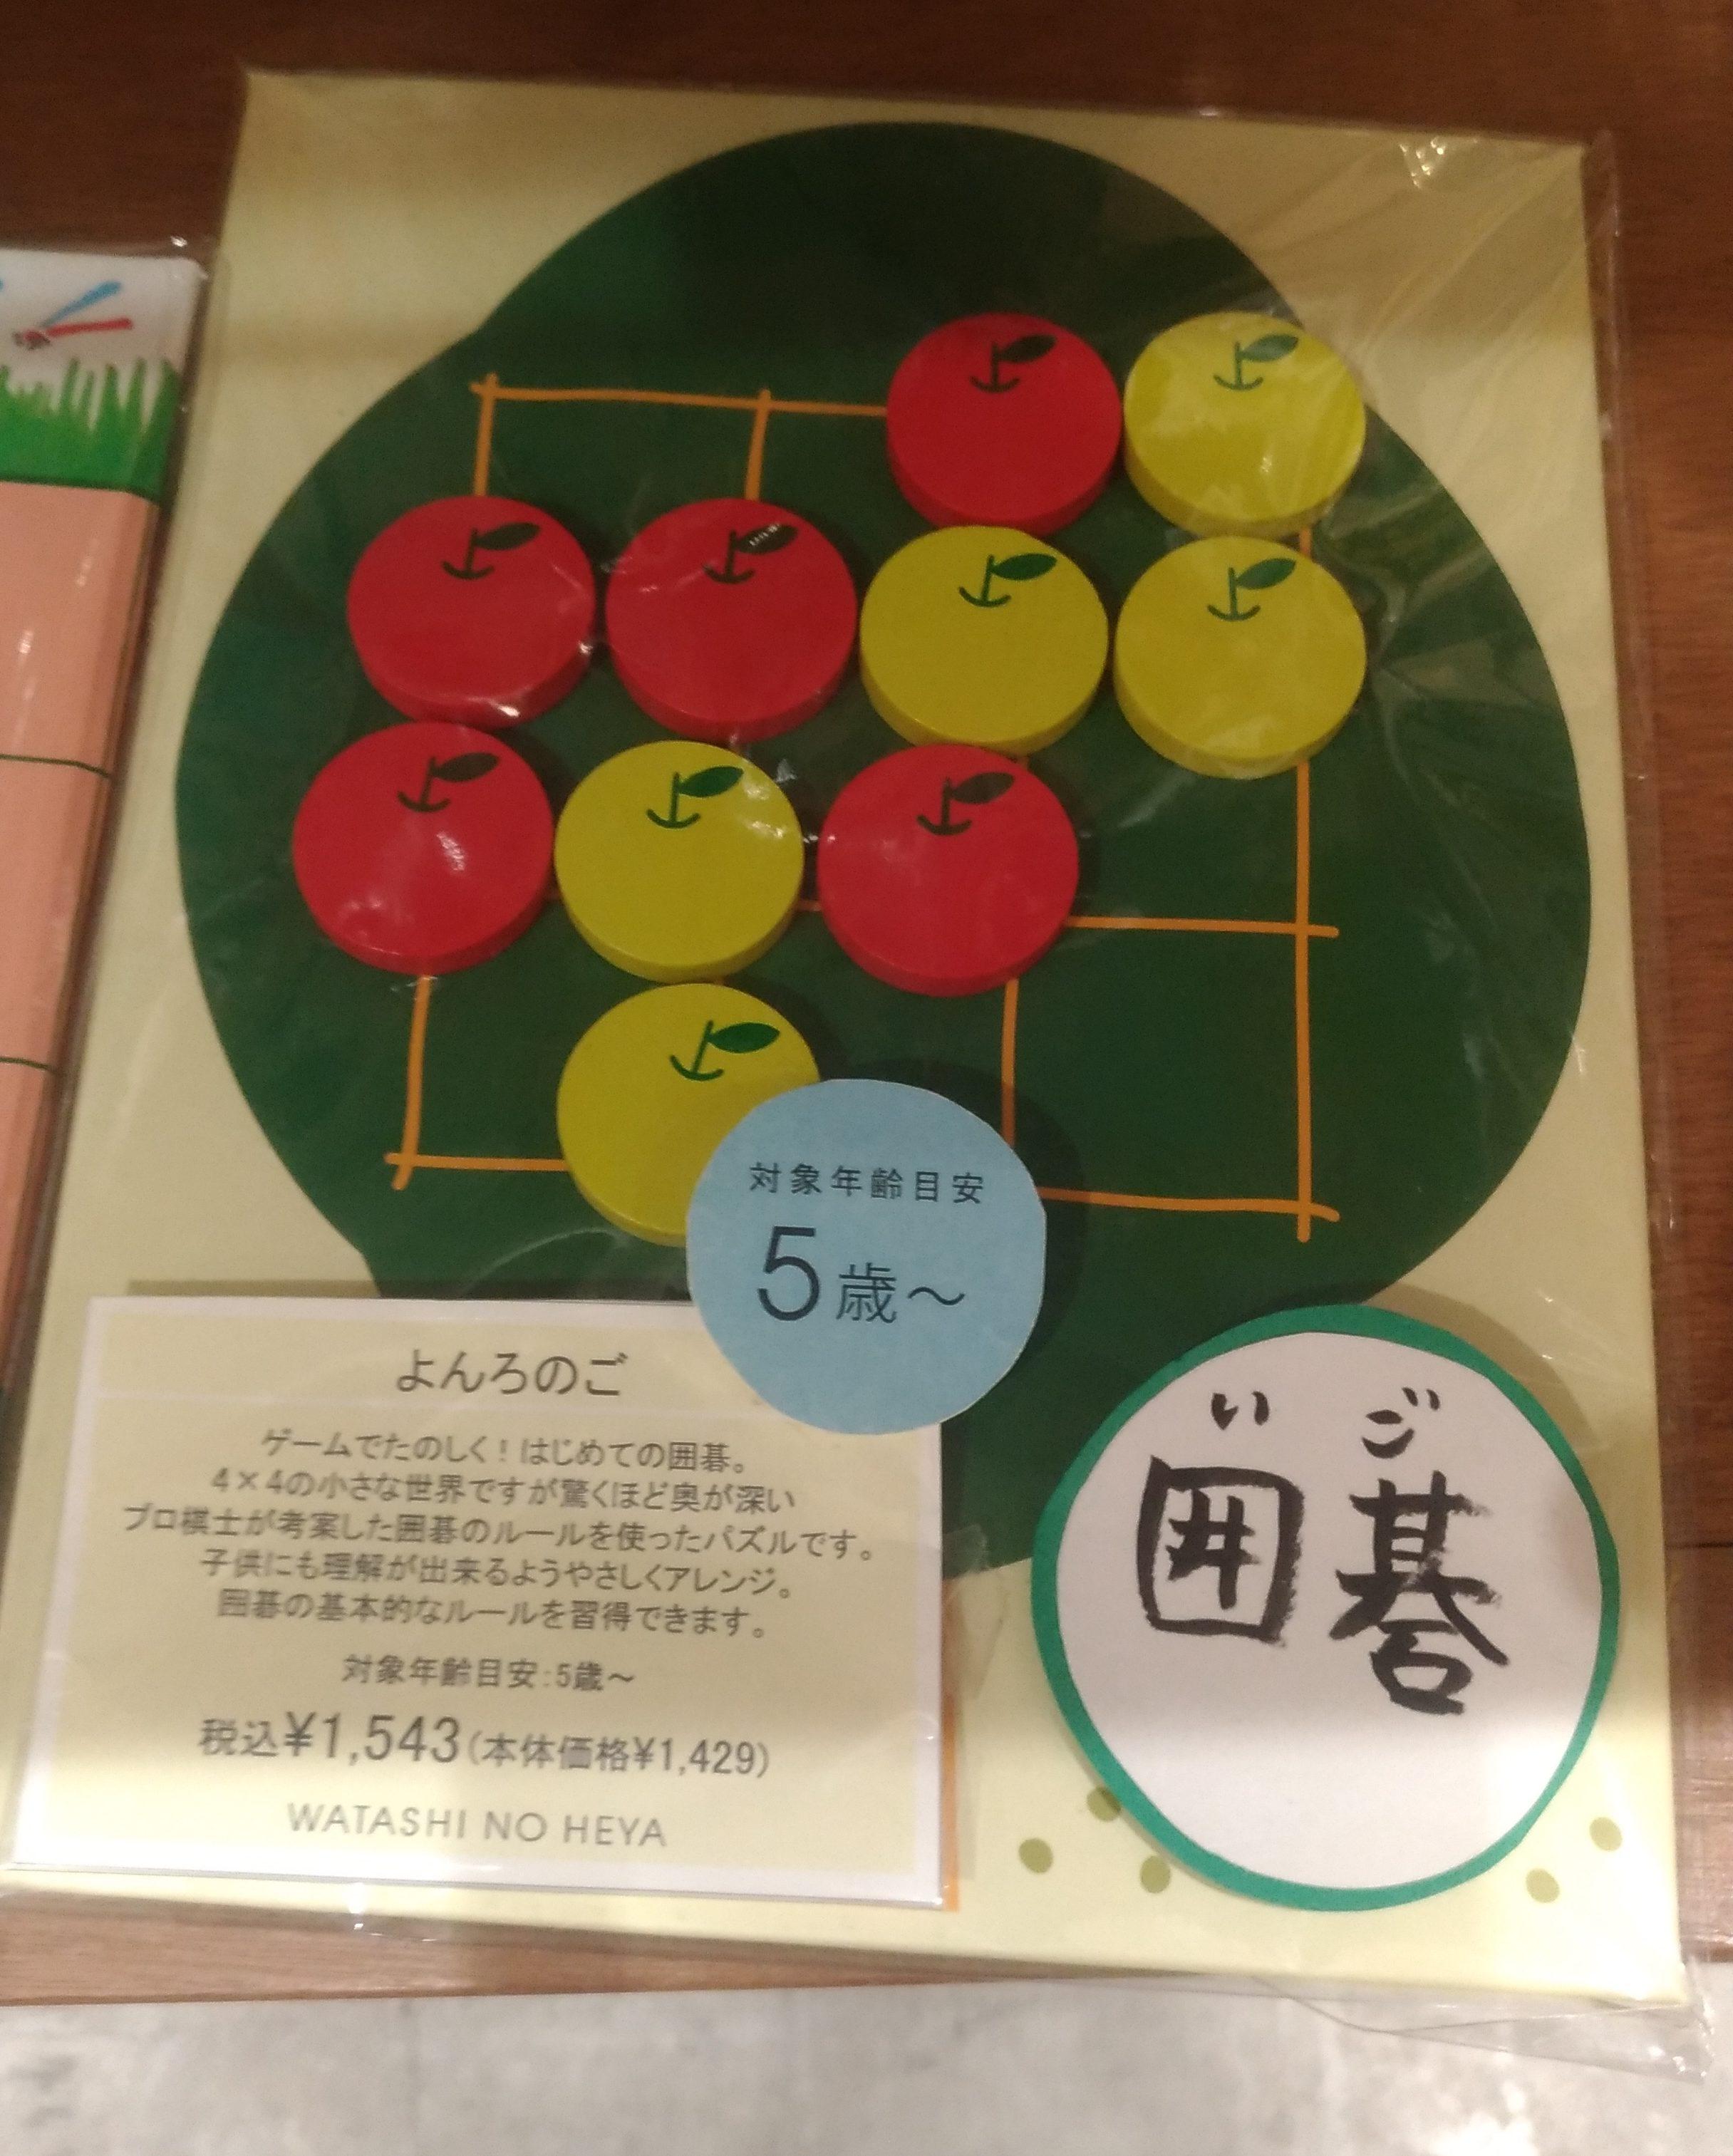 5歳からできる囲碁「よんろのご」で論理力を養う